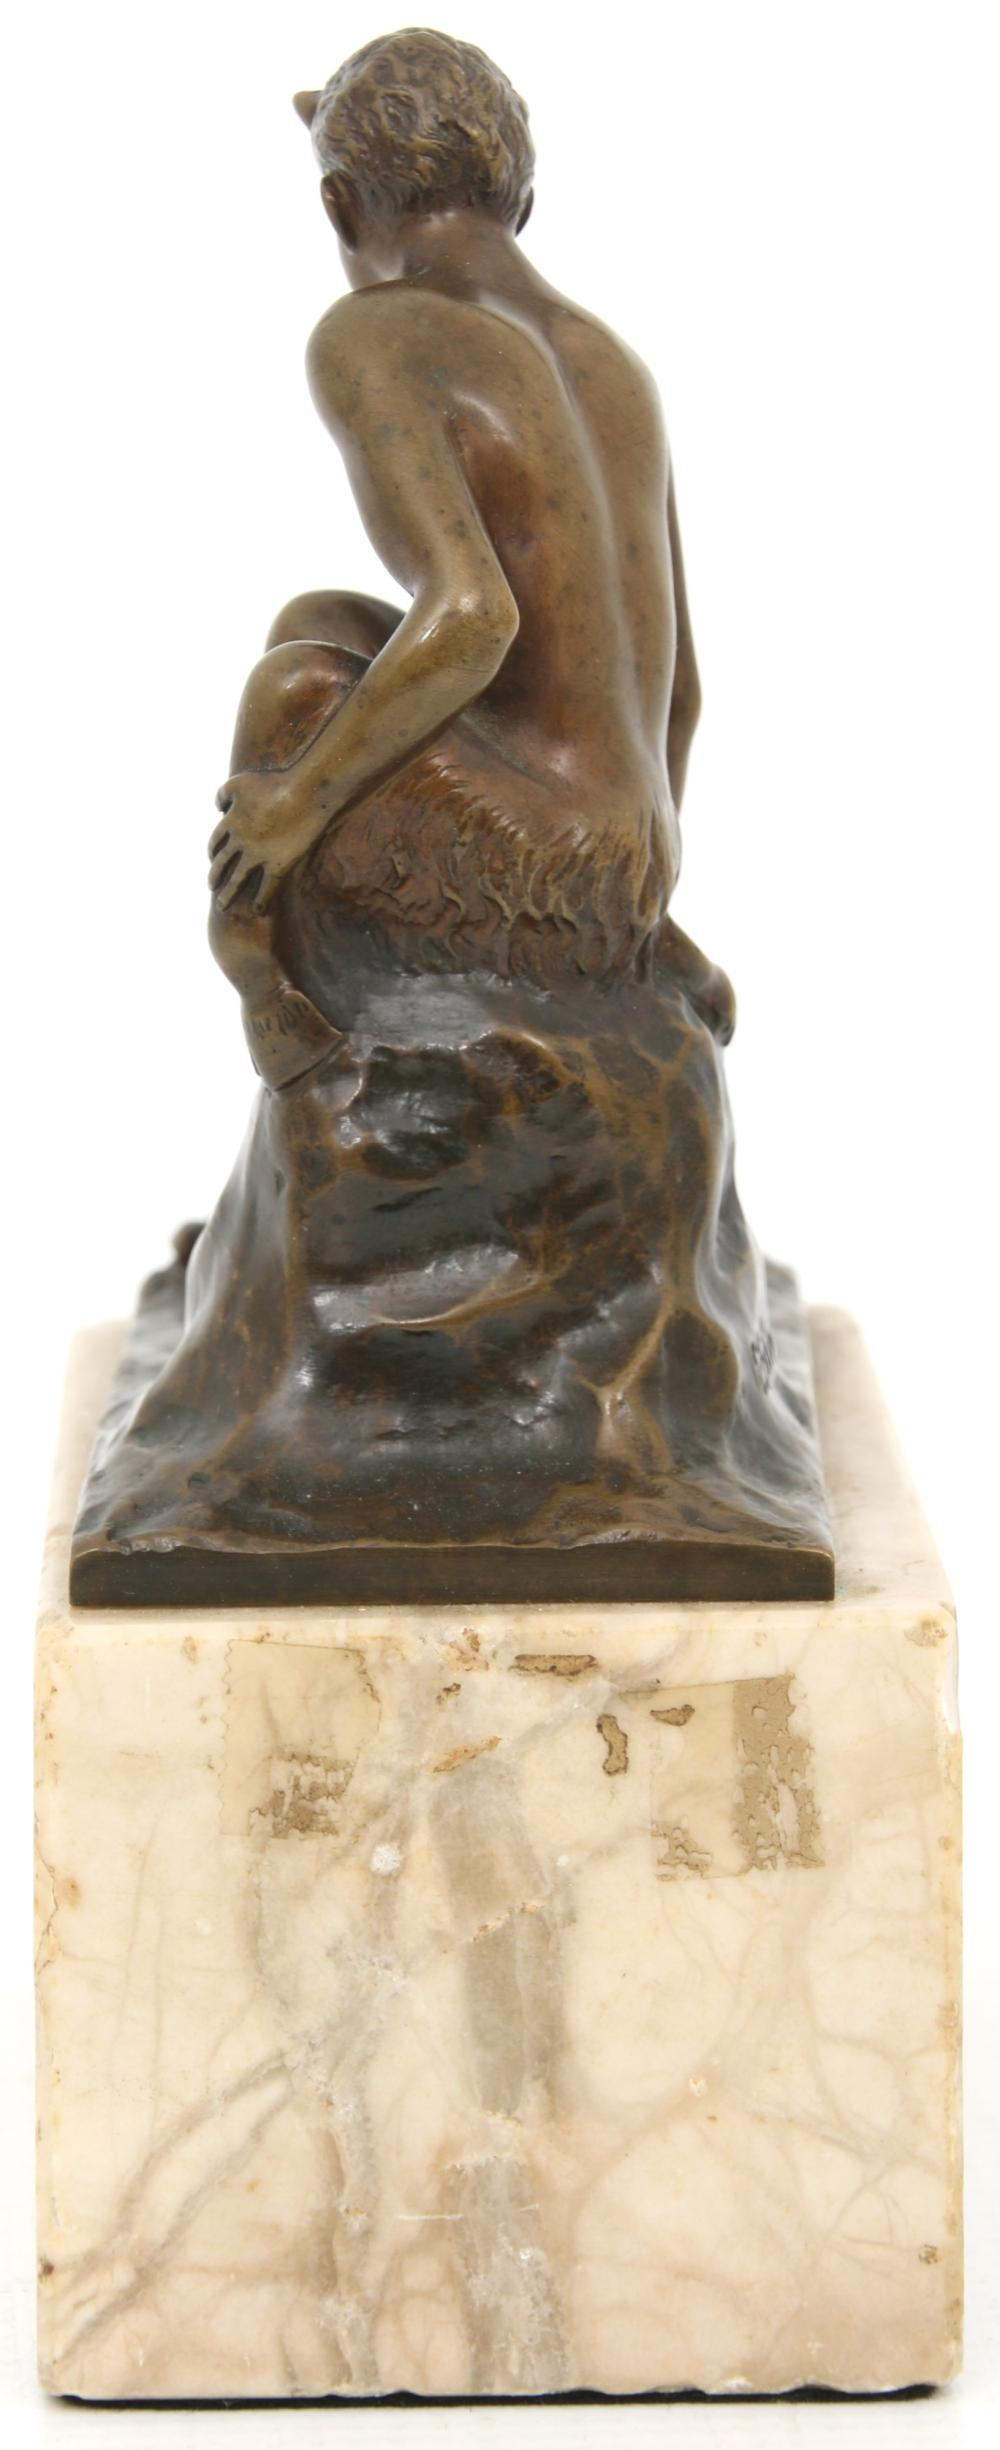 Bronze Sculpture of a Faun & Frog